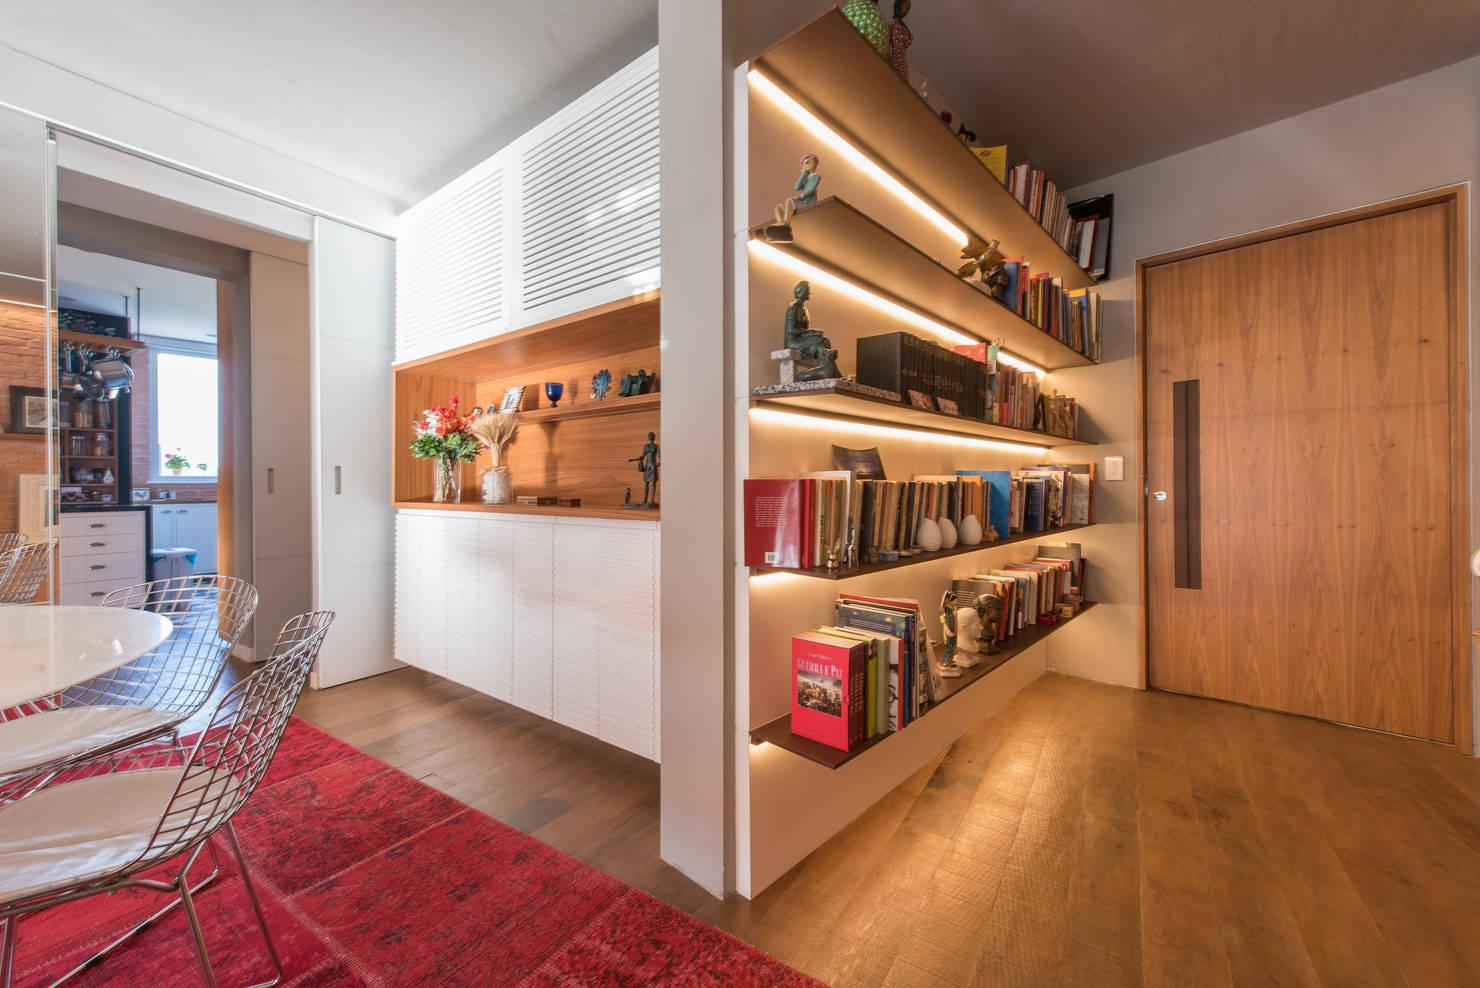 Appartamento Spettacolare con Arredi su Misura e Porte Scorrevoli